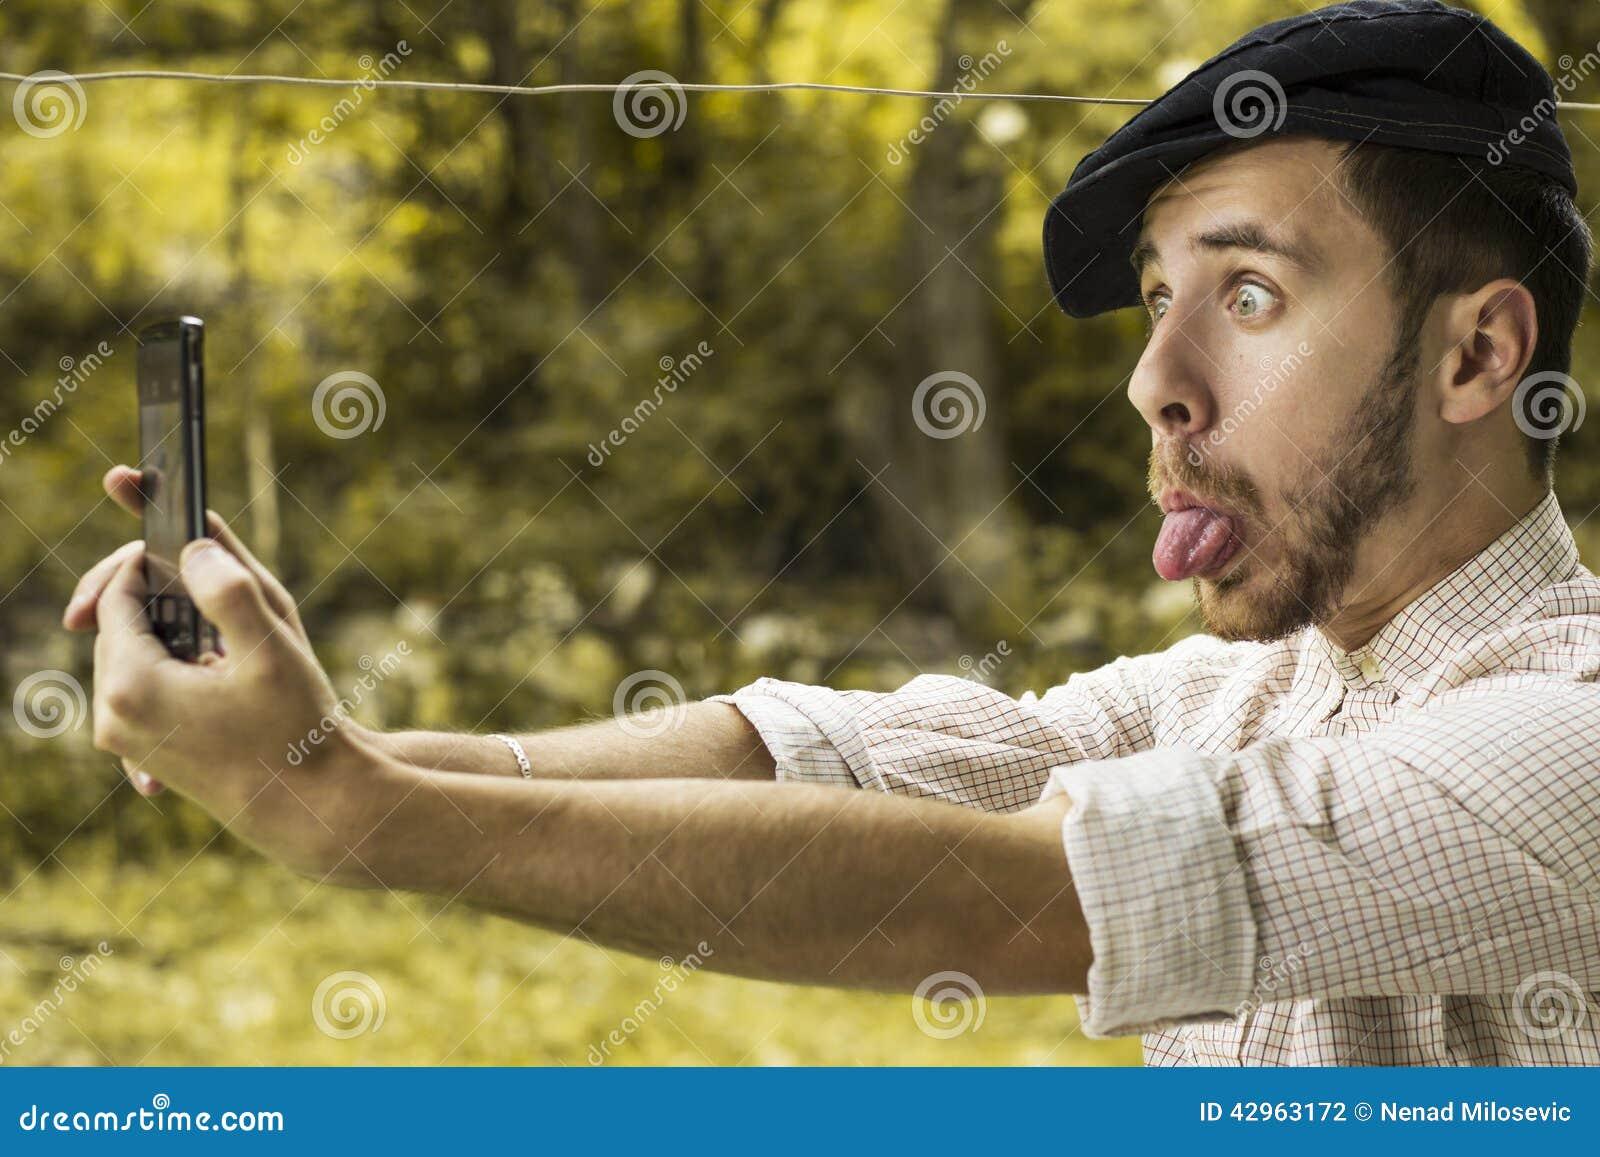 Porträt eines verrückten jungen Mannes mit der Kappe, die ein selfie nimmt